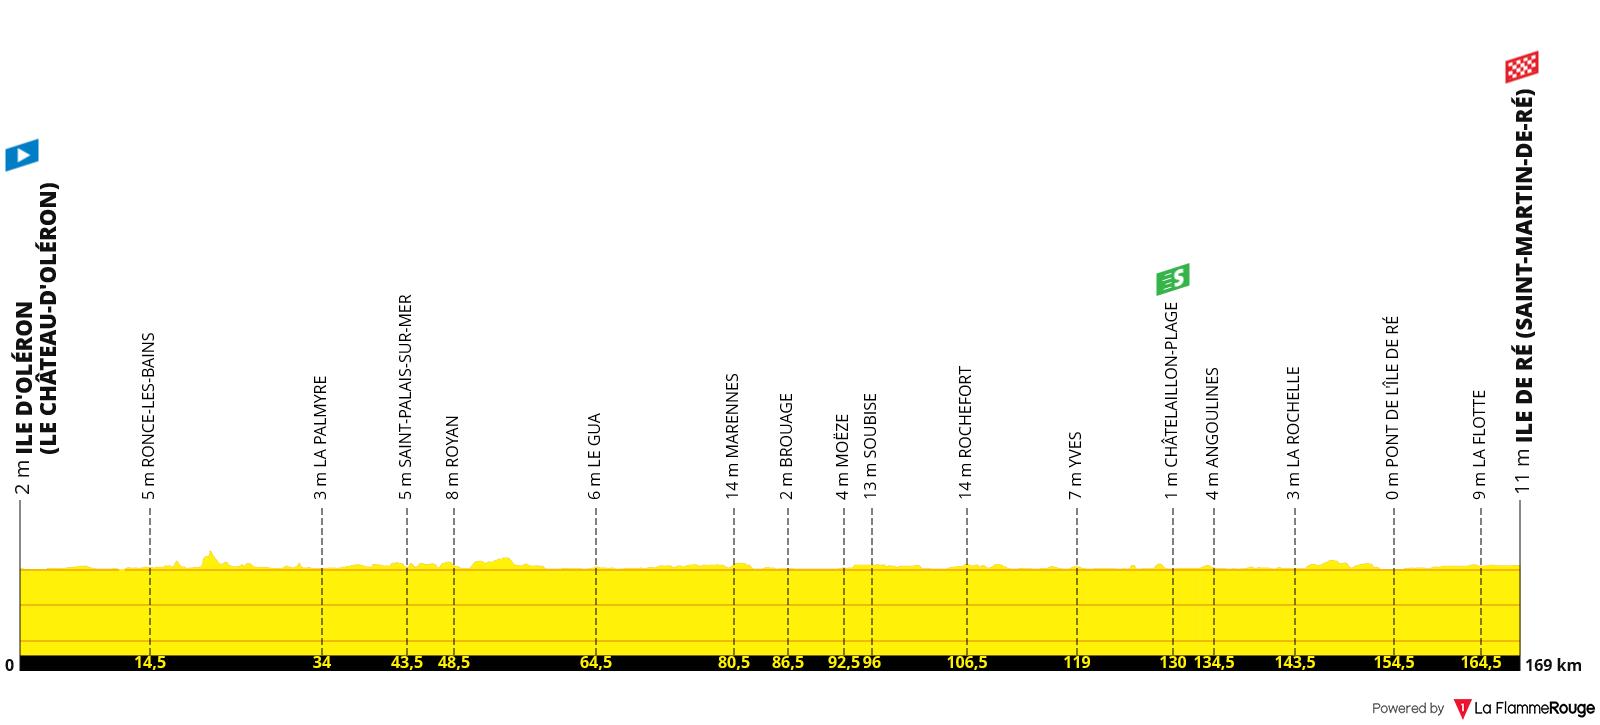 Perfil Etapa 10 - Tour de Francia 2020 - Île de Ré Saint-Martin-de-Ré 170km